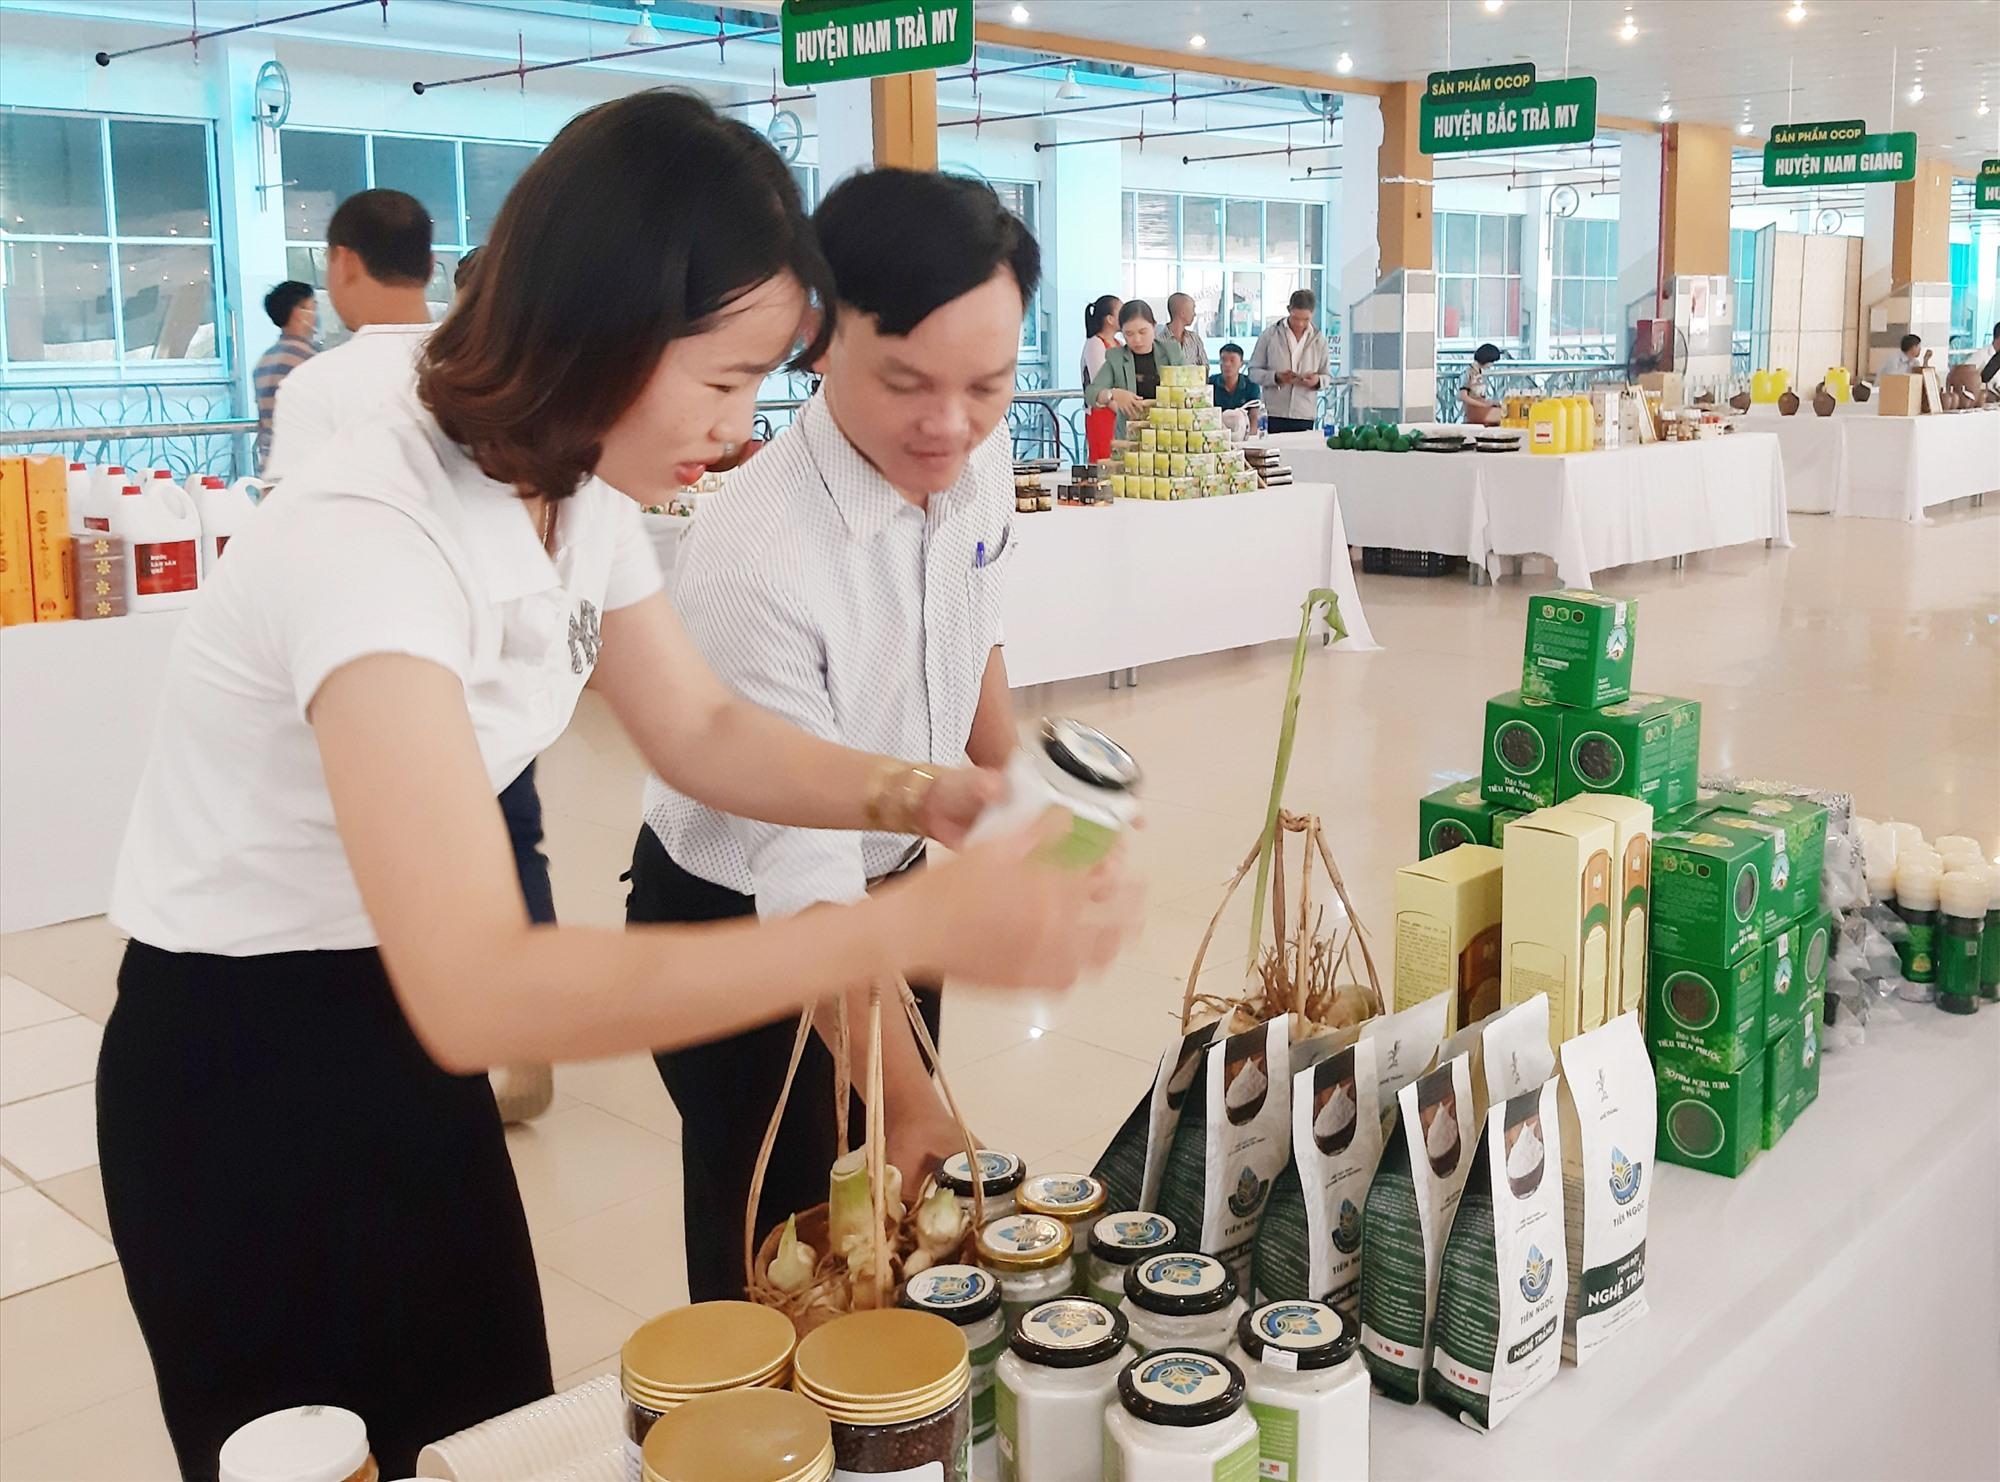 Nhờ chú trọng xây dựng vùng nguyên liệu tại chỗ, nhiều chủ thể ở Tiên Phước chủ động trong việc phát triển sản phẩm OCOP. Ảnh: N.P